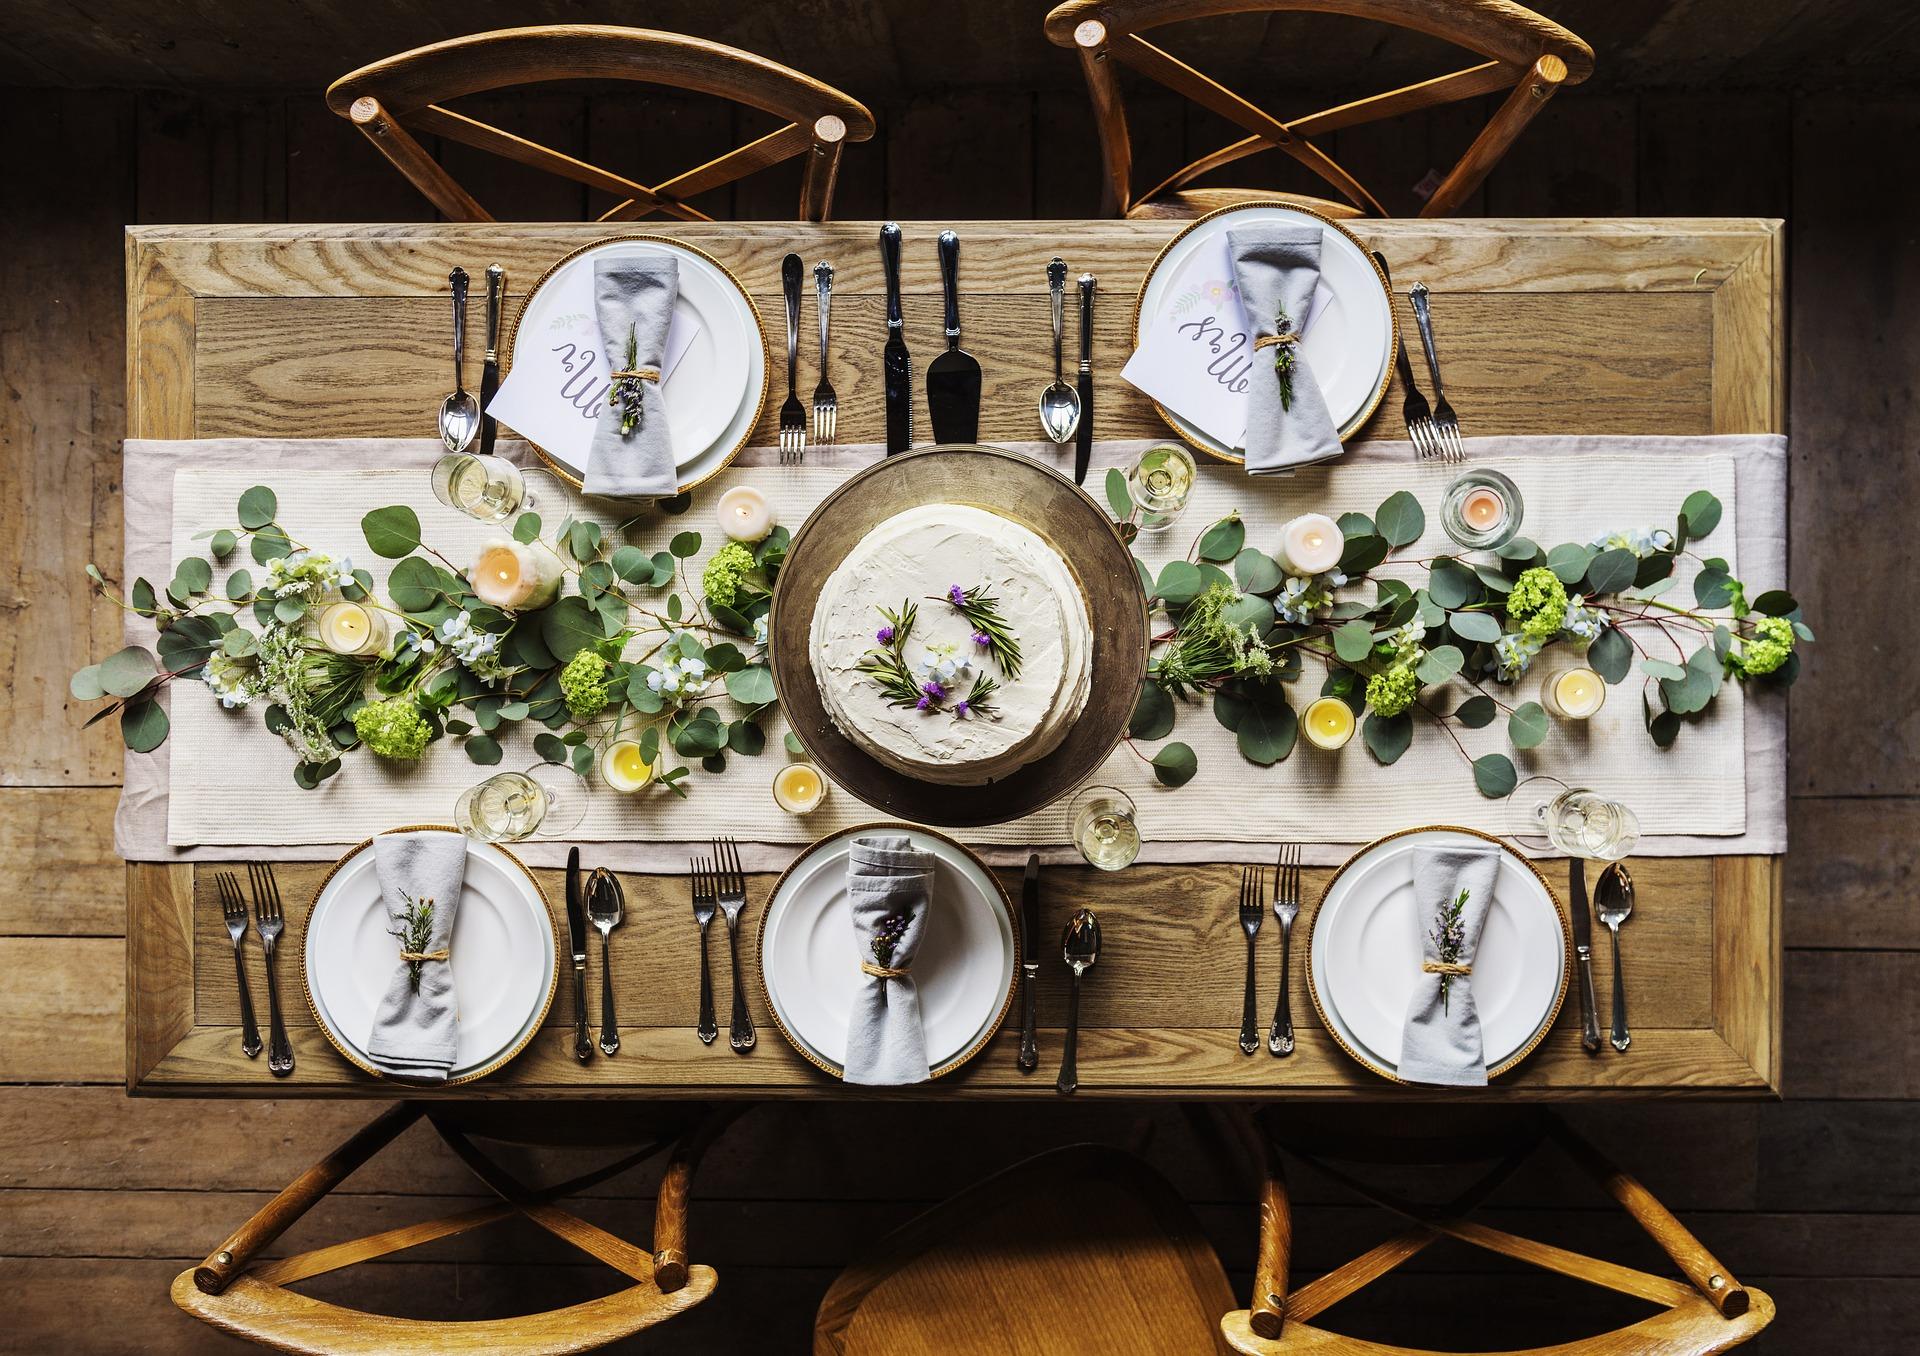 Pop-up restaurace obsazují neobvyklé prostory, aby svým hostům zajistily nezapomenutelný večer